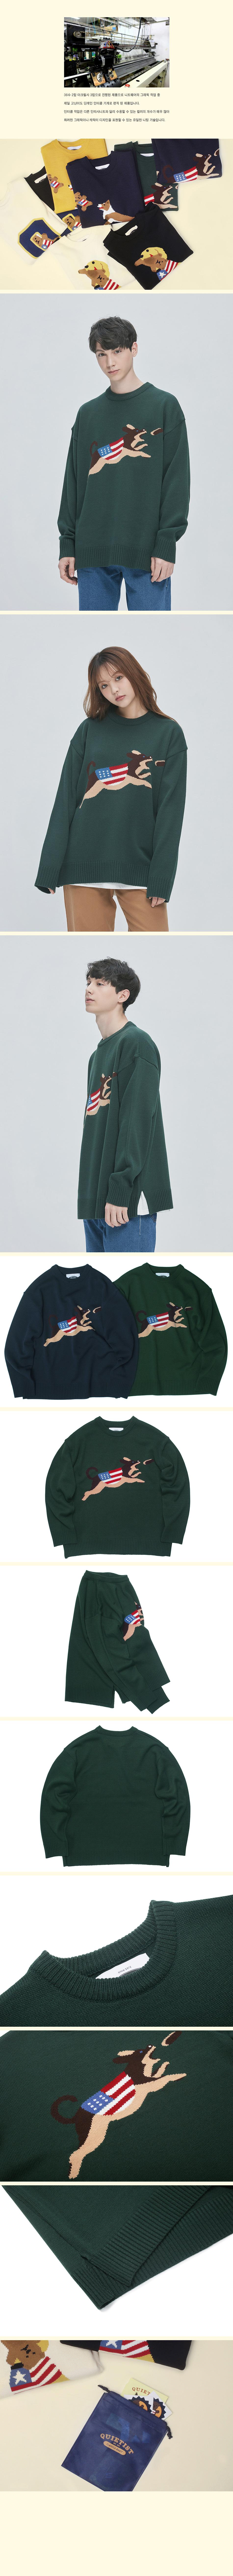 콰이어티스트(QUIETIST) USA 점핑 도그 스웨터 (green)